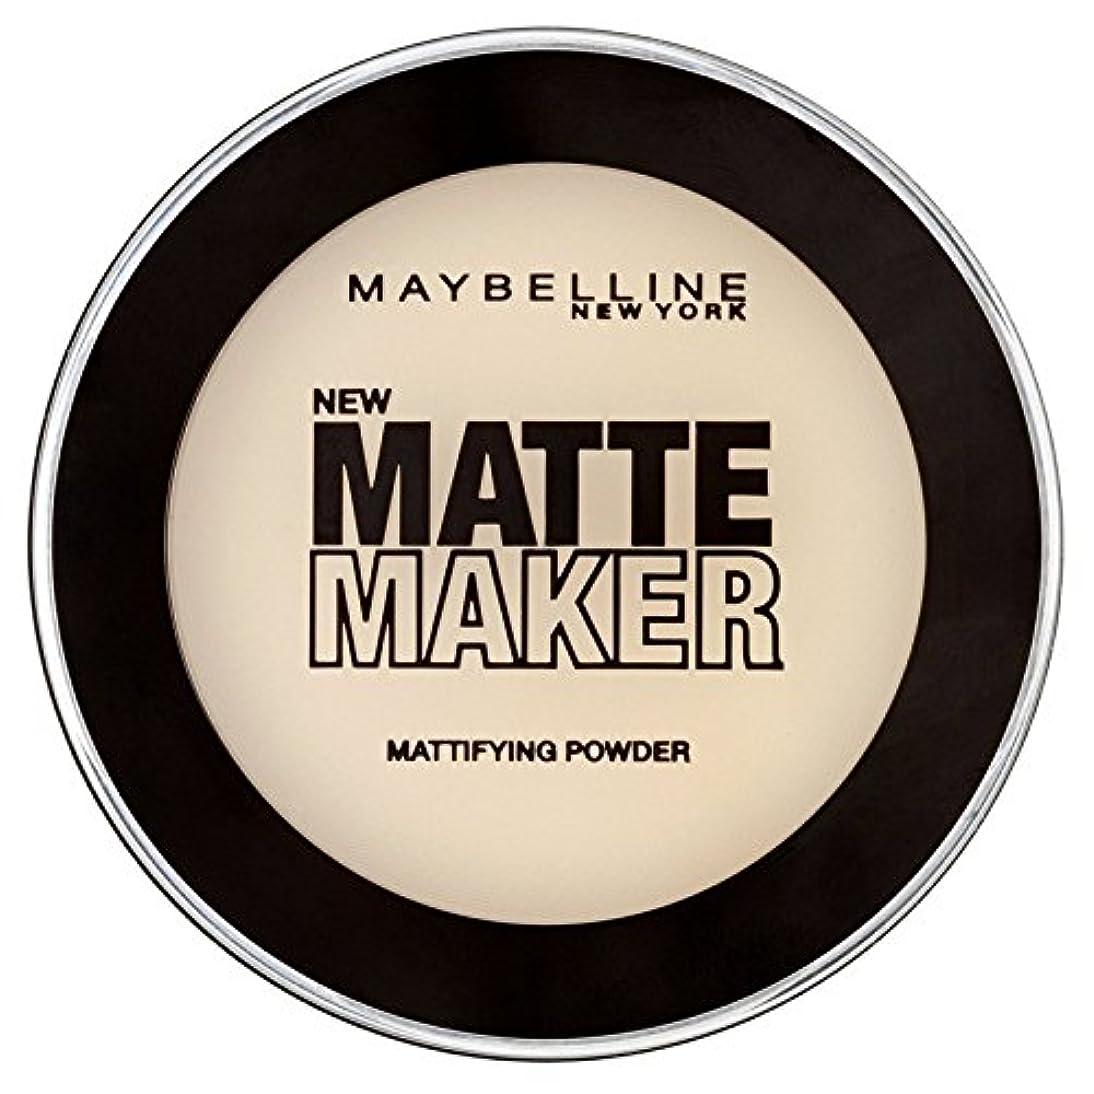 味方超高層ビル主権者Maybelline Powder Matte Maker, Ivory 10 16g - メイベリンパウダーマットメーカー、アイボリー10 16グラム [並行輸入品]